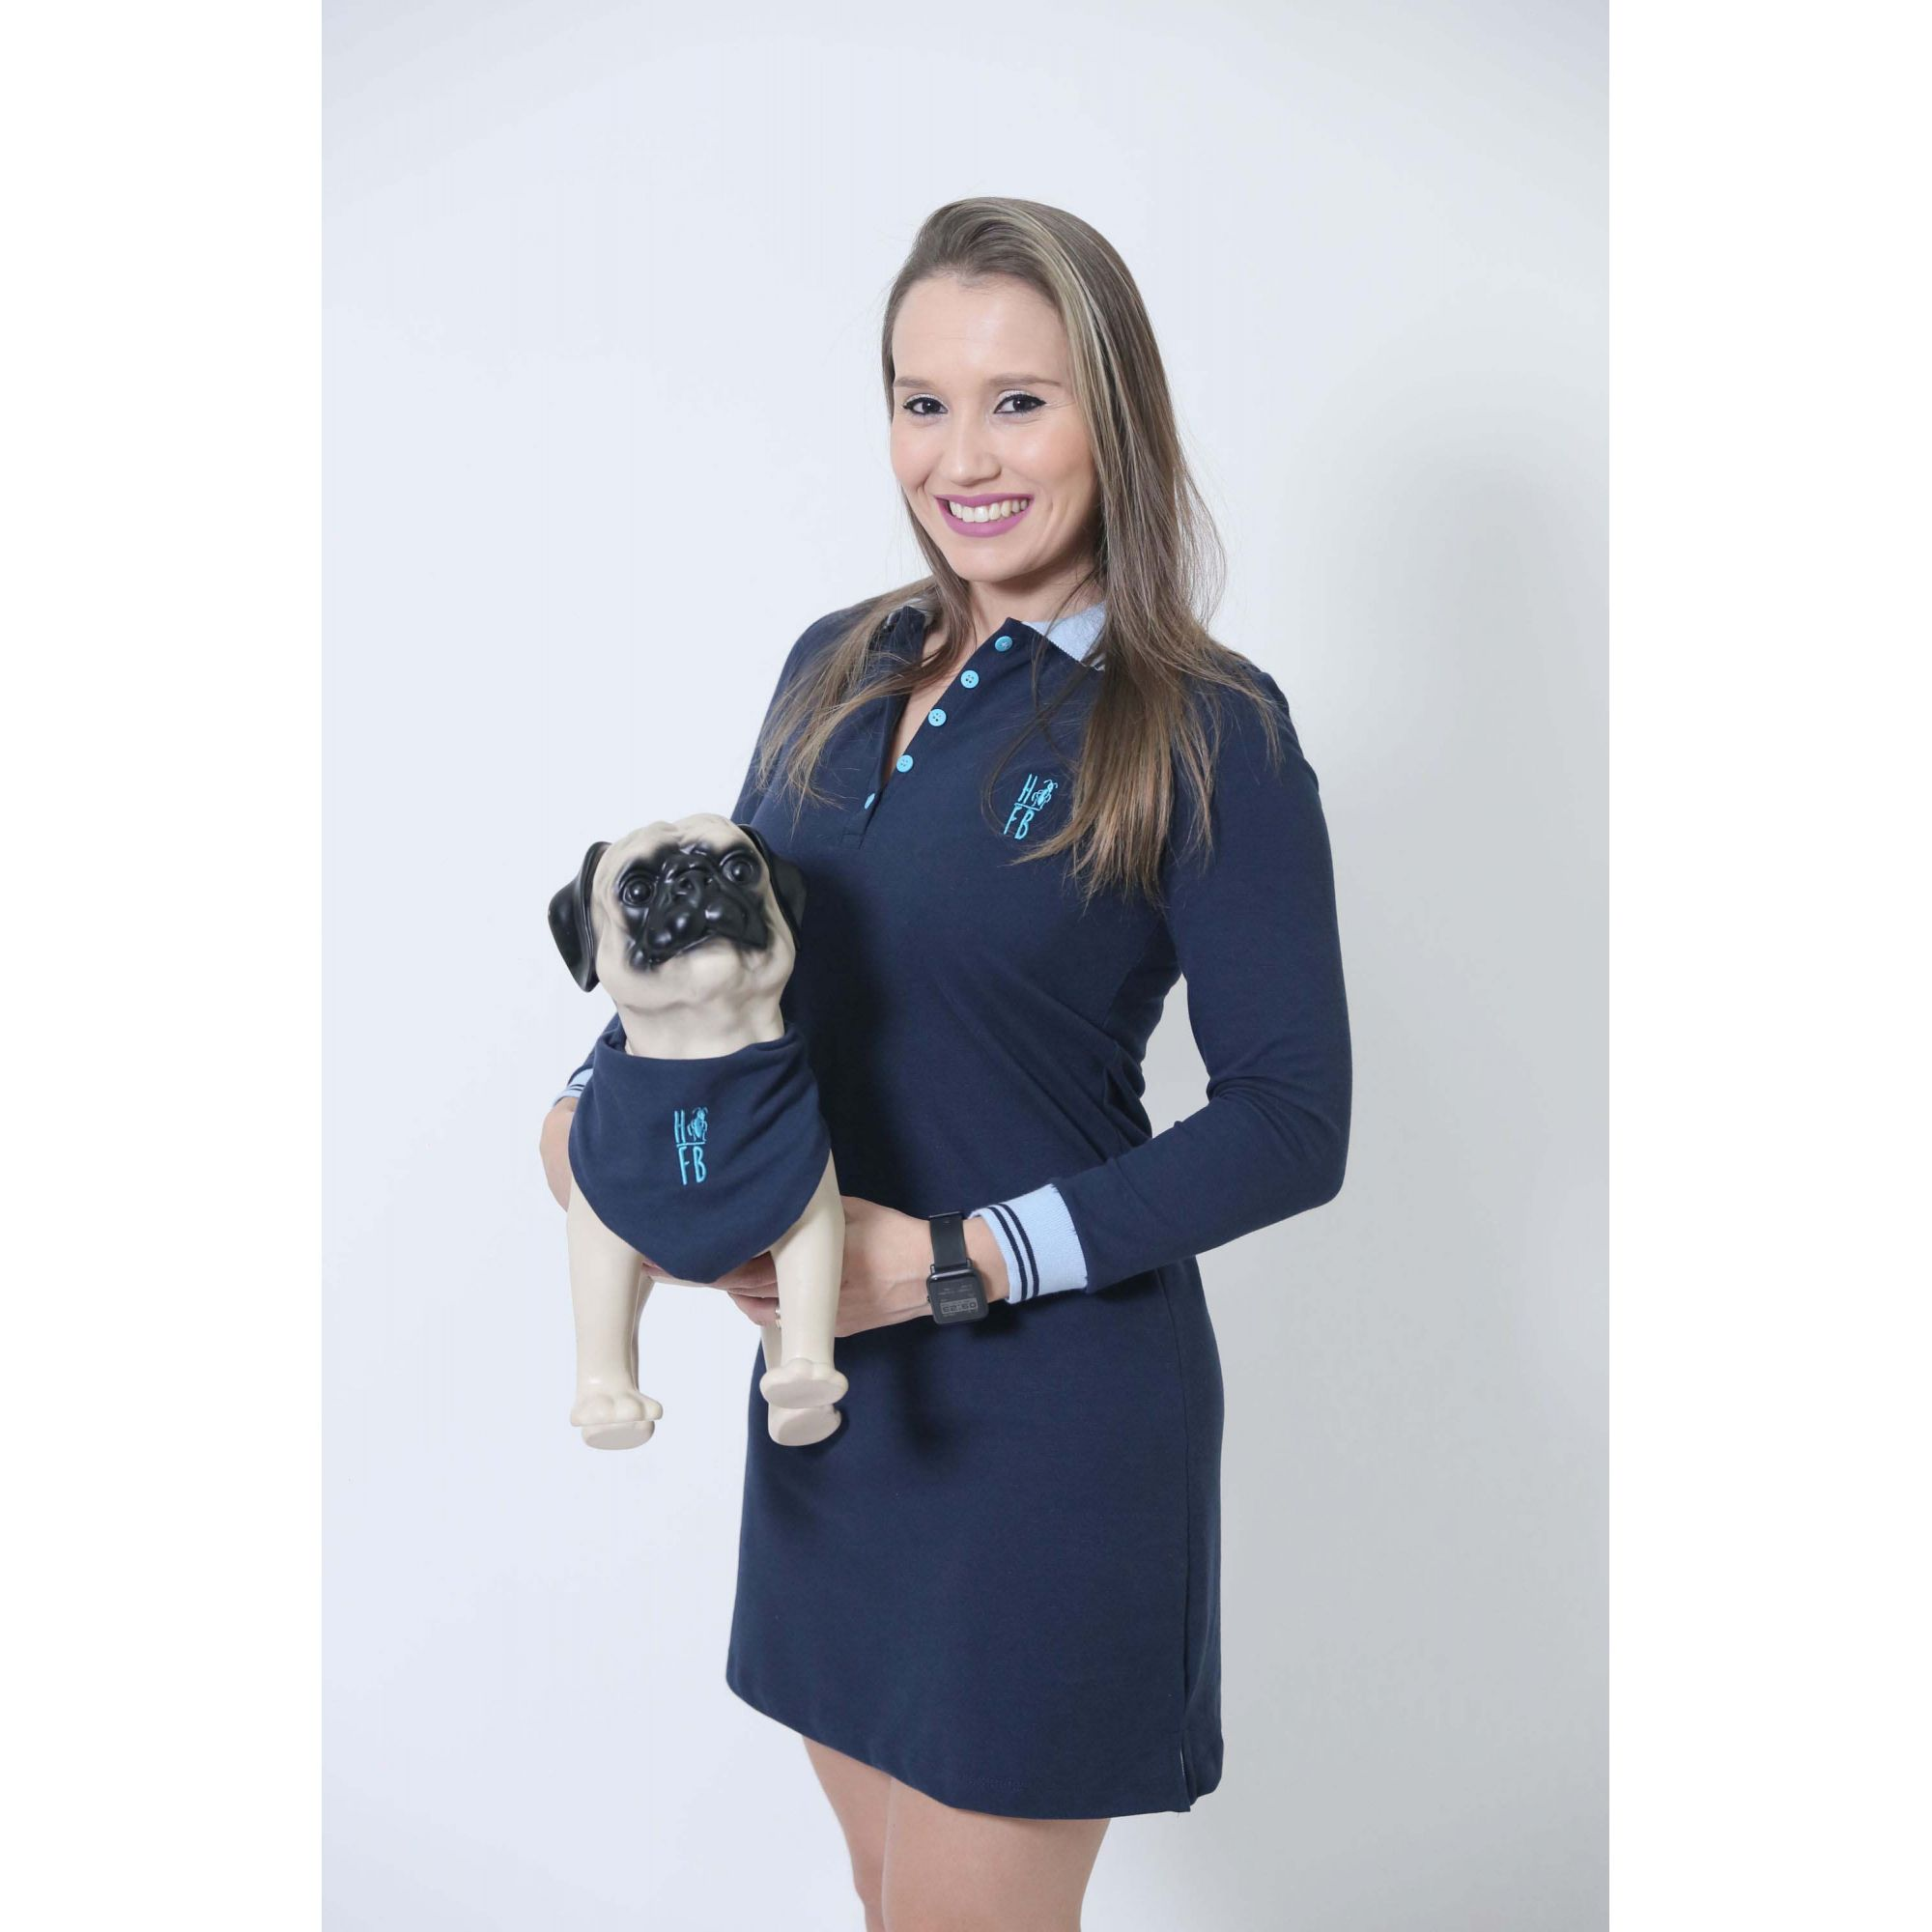 PAIS E PET > Kit 3 peças Camisa + Vestido Polo + Bandana - Azul Manga Longa [Coleção Família]  - Heitor Fashion Brazil